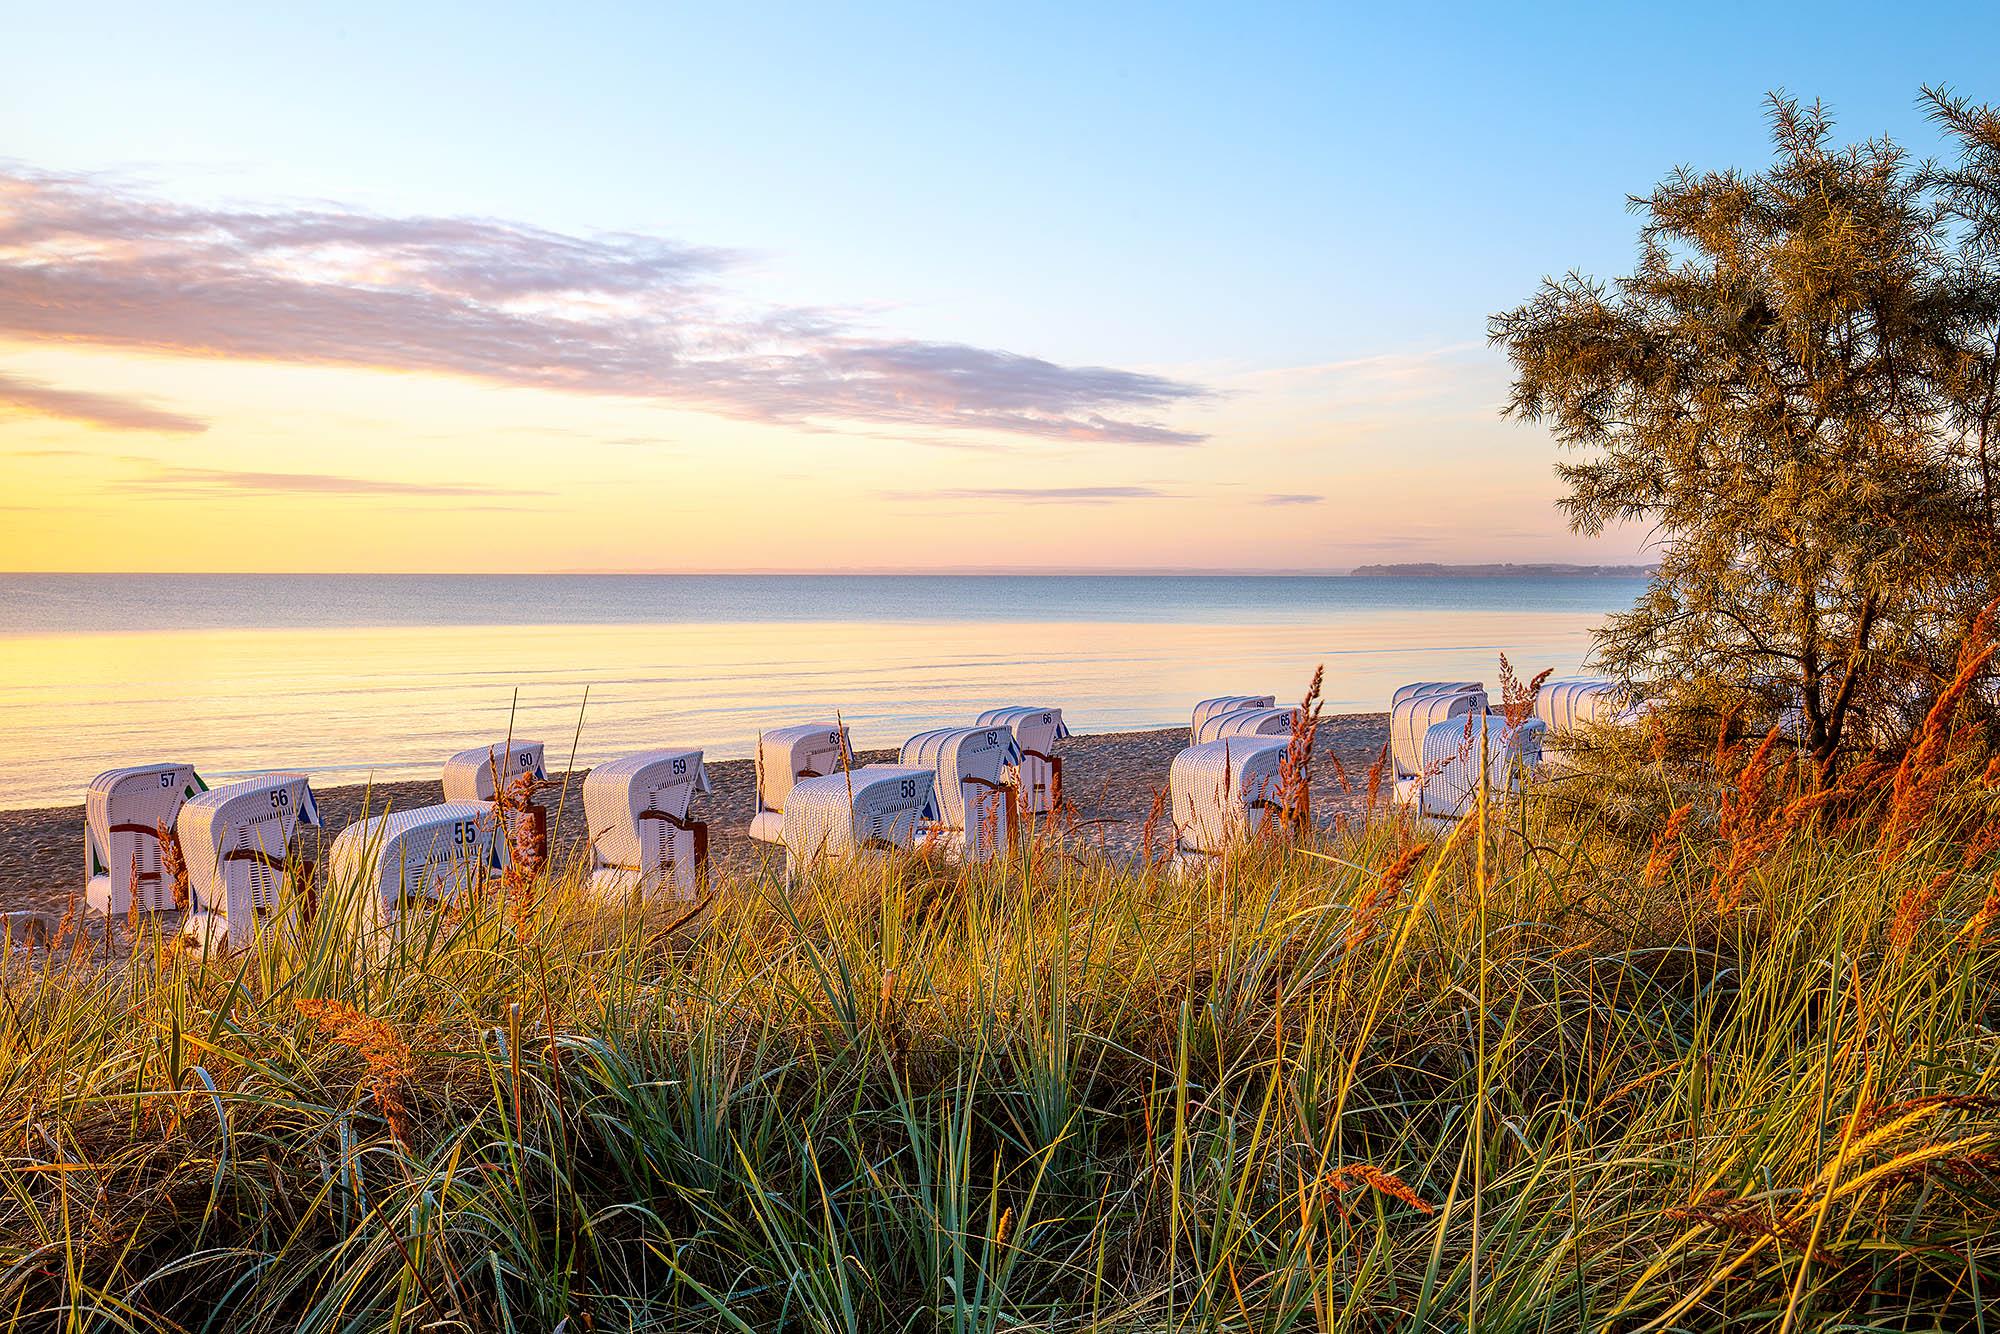 Schleswig-Holstein,Ostseeküste,Lübecker Bucht.Scharbeutz, Morgenstimmung an der Dünenmeile, Blick auf den Strand mit Strandkörben und das Meer. Foto: Ingo Wandmacher